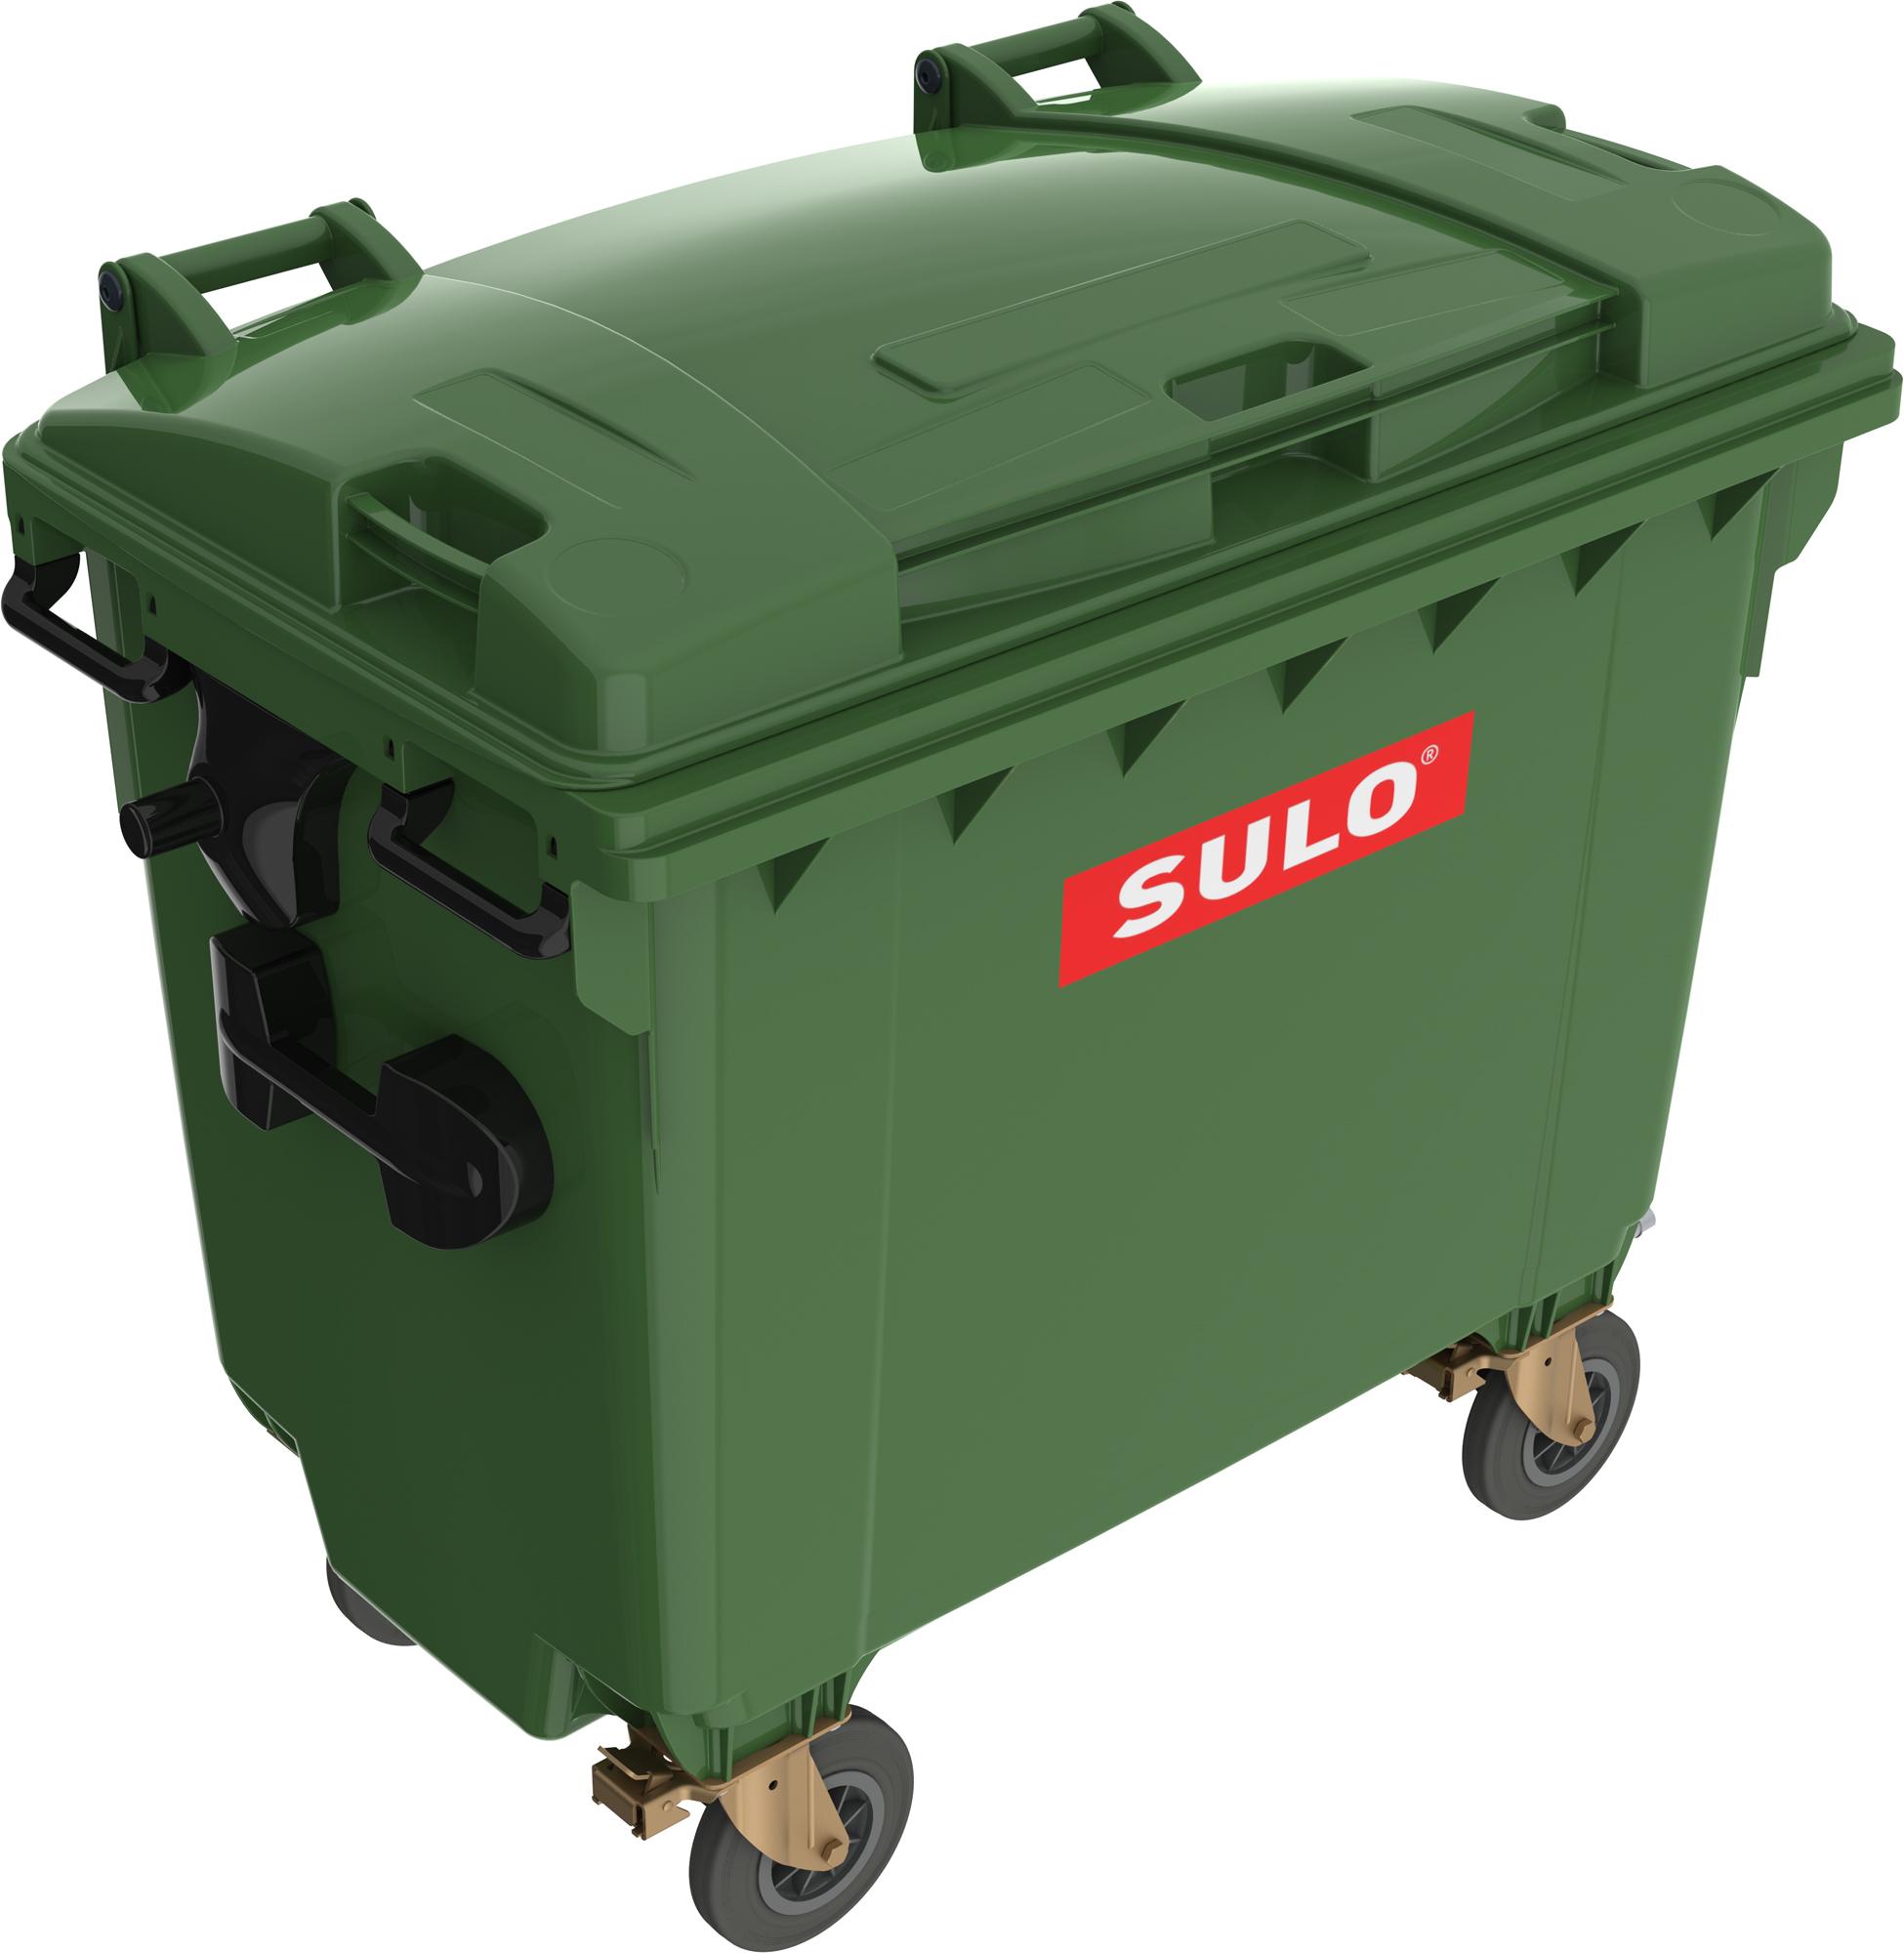 Eurocontainer Din Material Plastic 660 L Verde Cu Capac Plat Mevatec - Transport Inclus 2021 sanito.ro